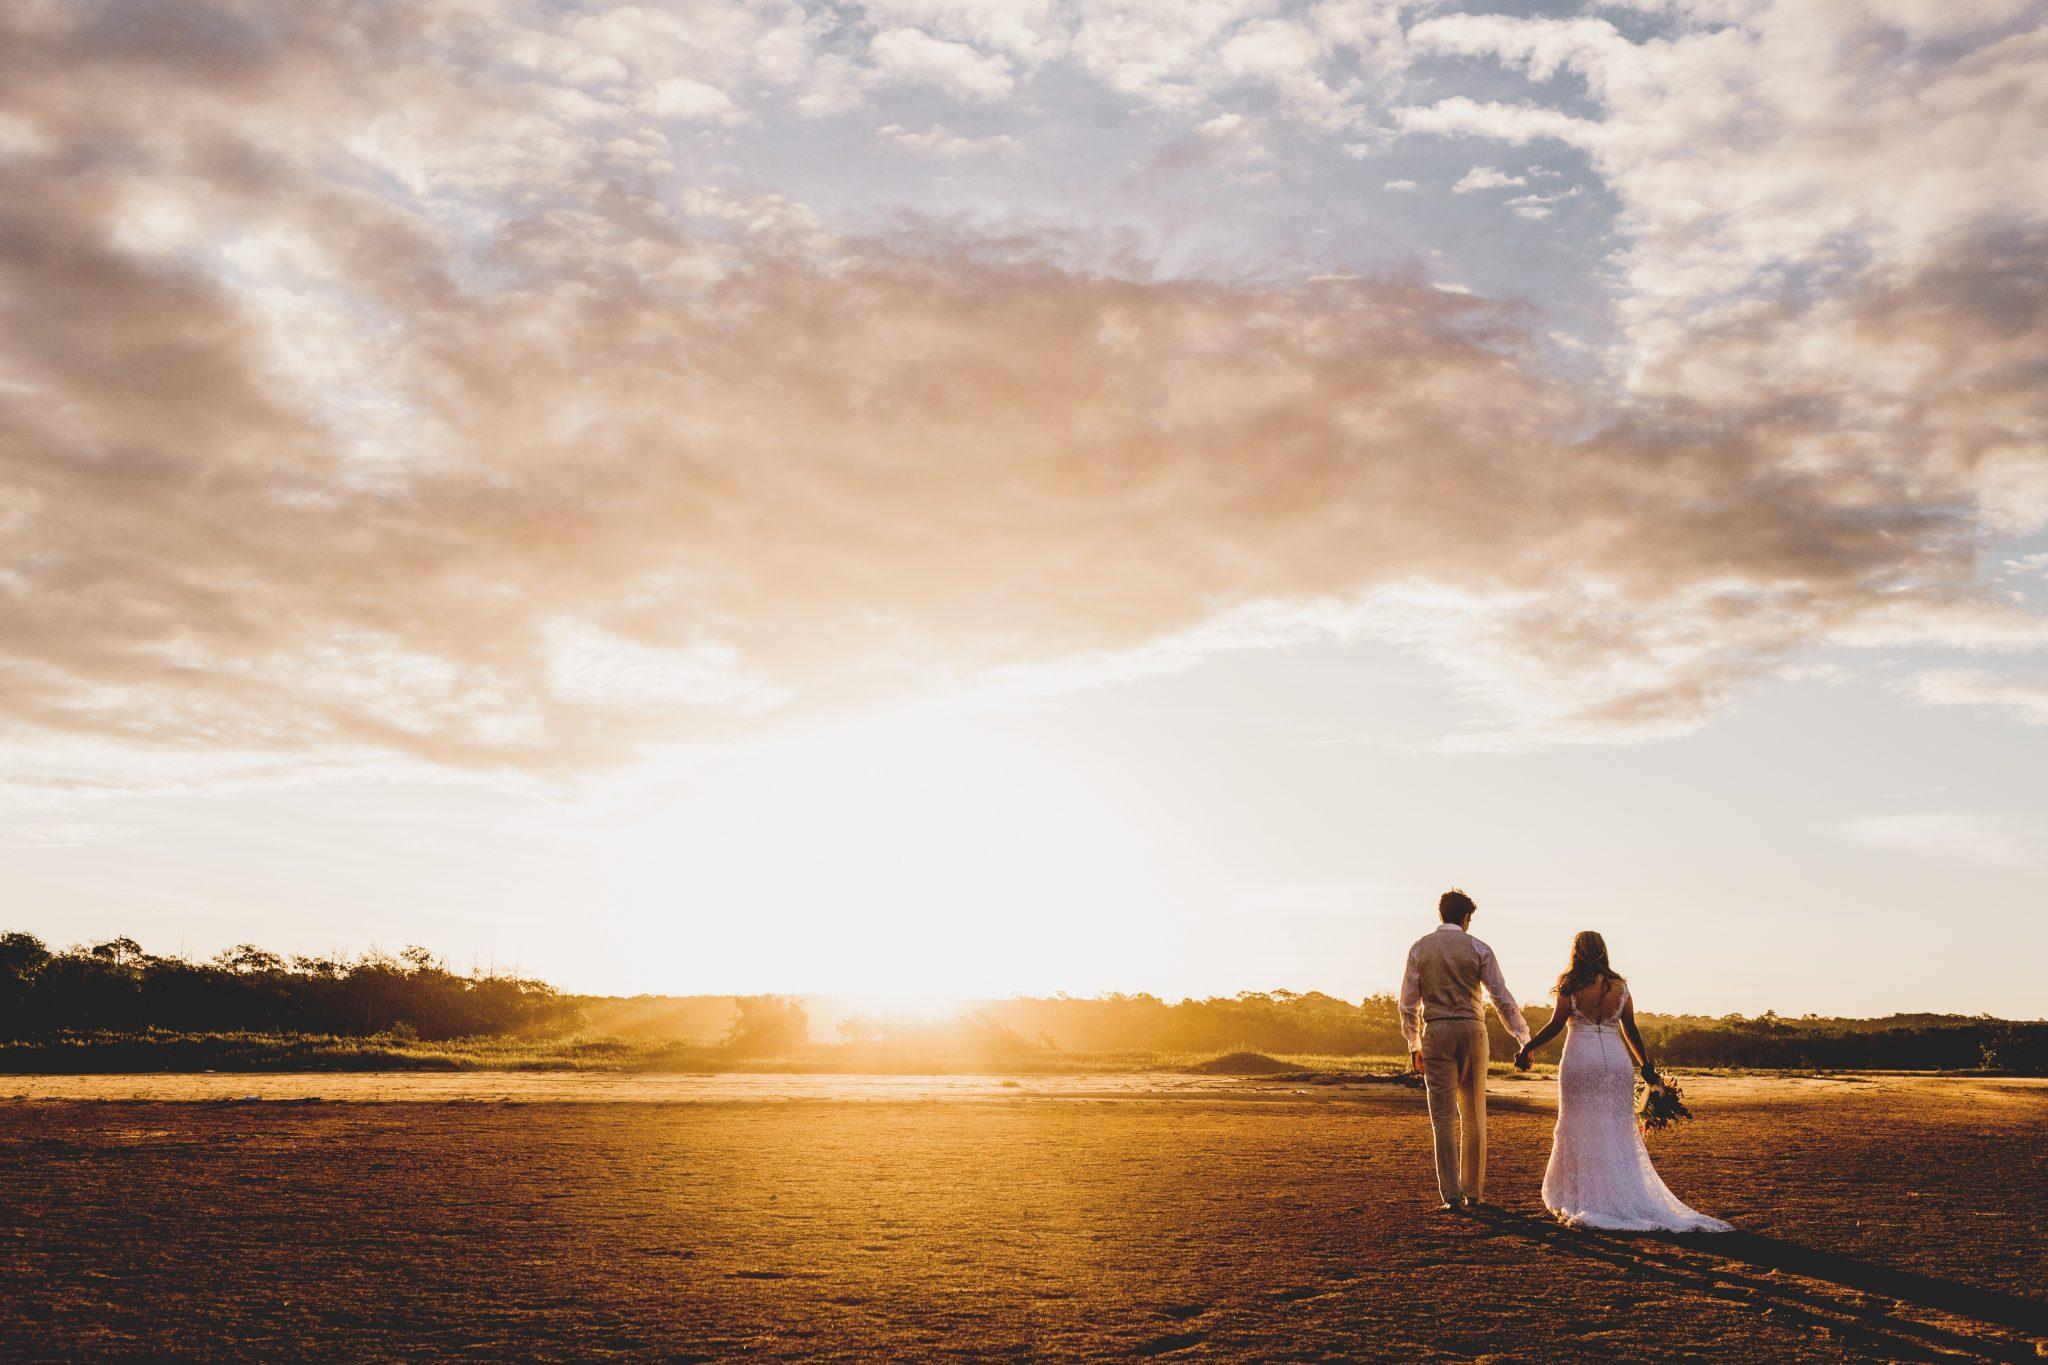 Quand le mariage rime avec élopement ou fugue amoureuse